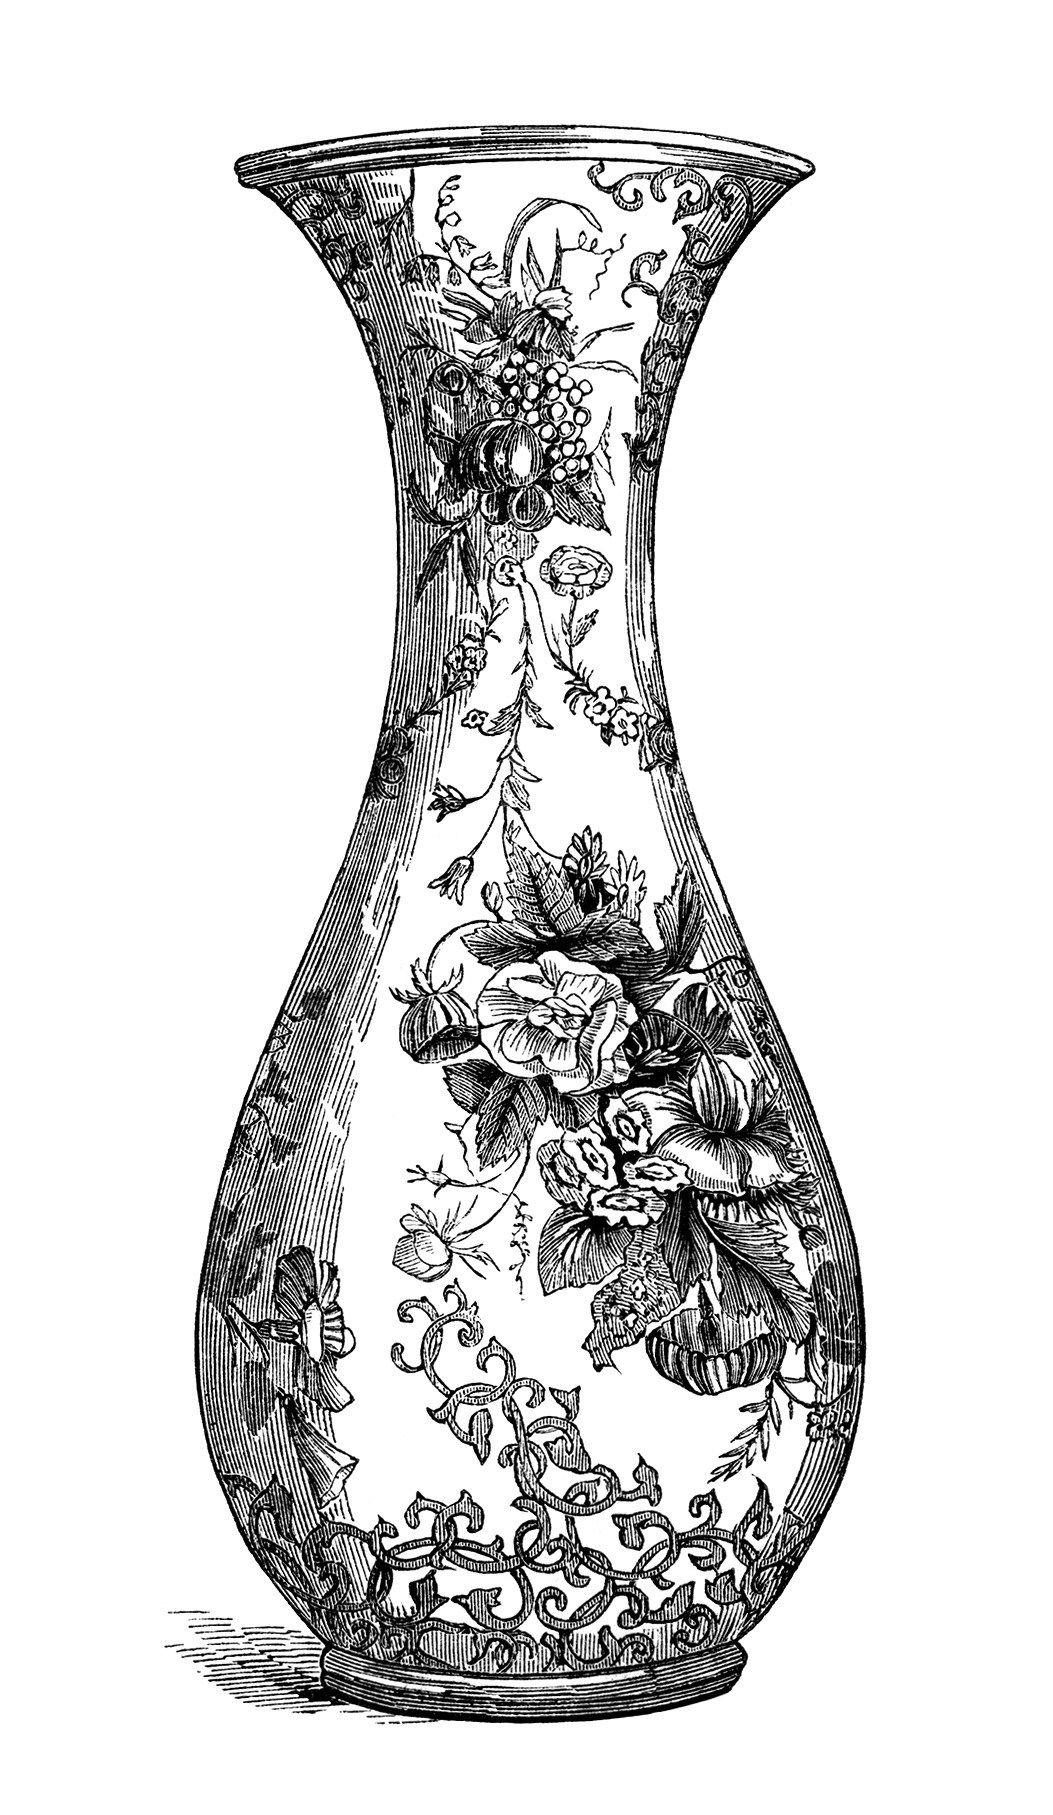 black and white clip art, free vintage image, floral vase.